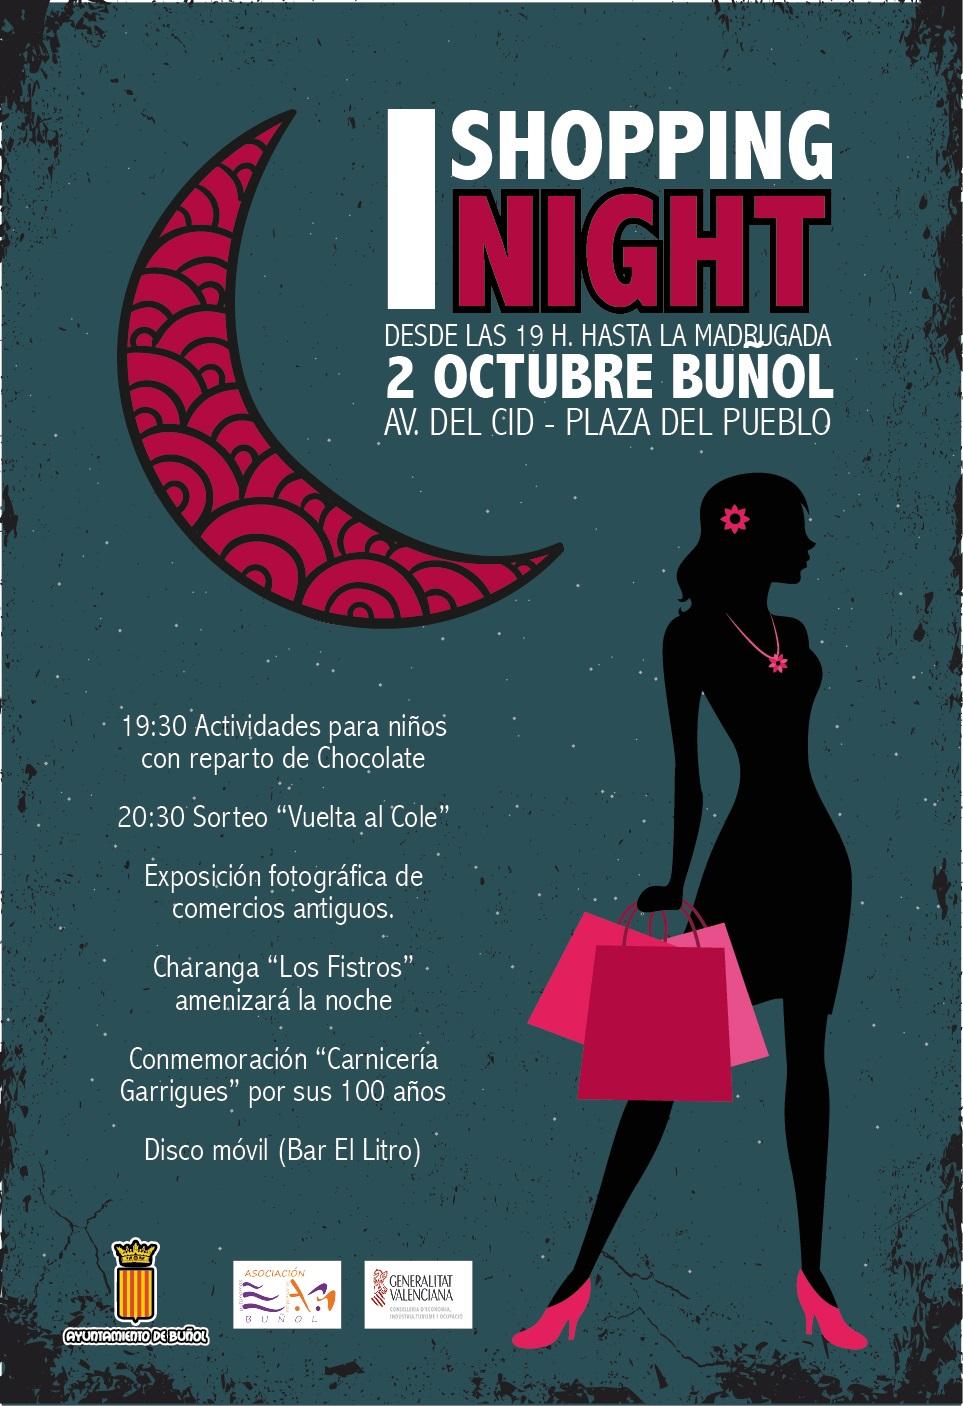 Cartel anunciador de la iniciativa comercial en Buñol.